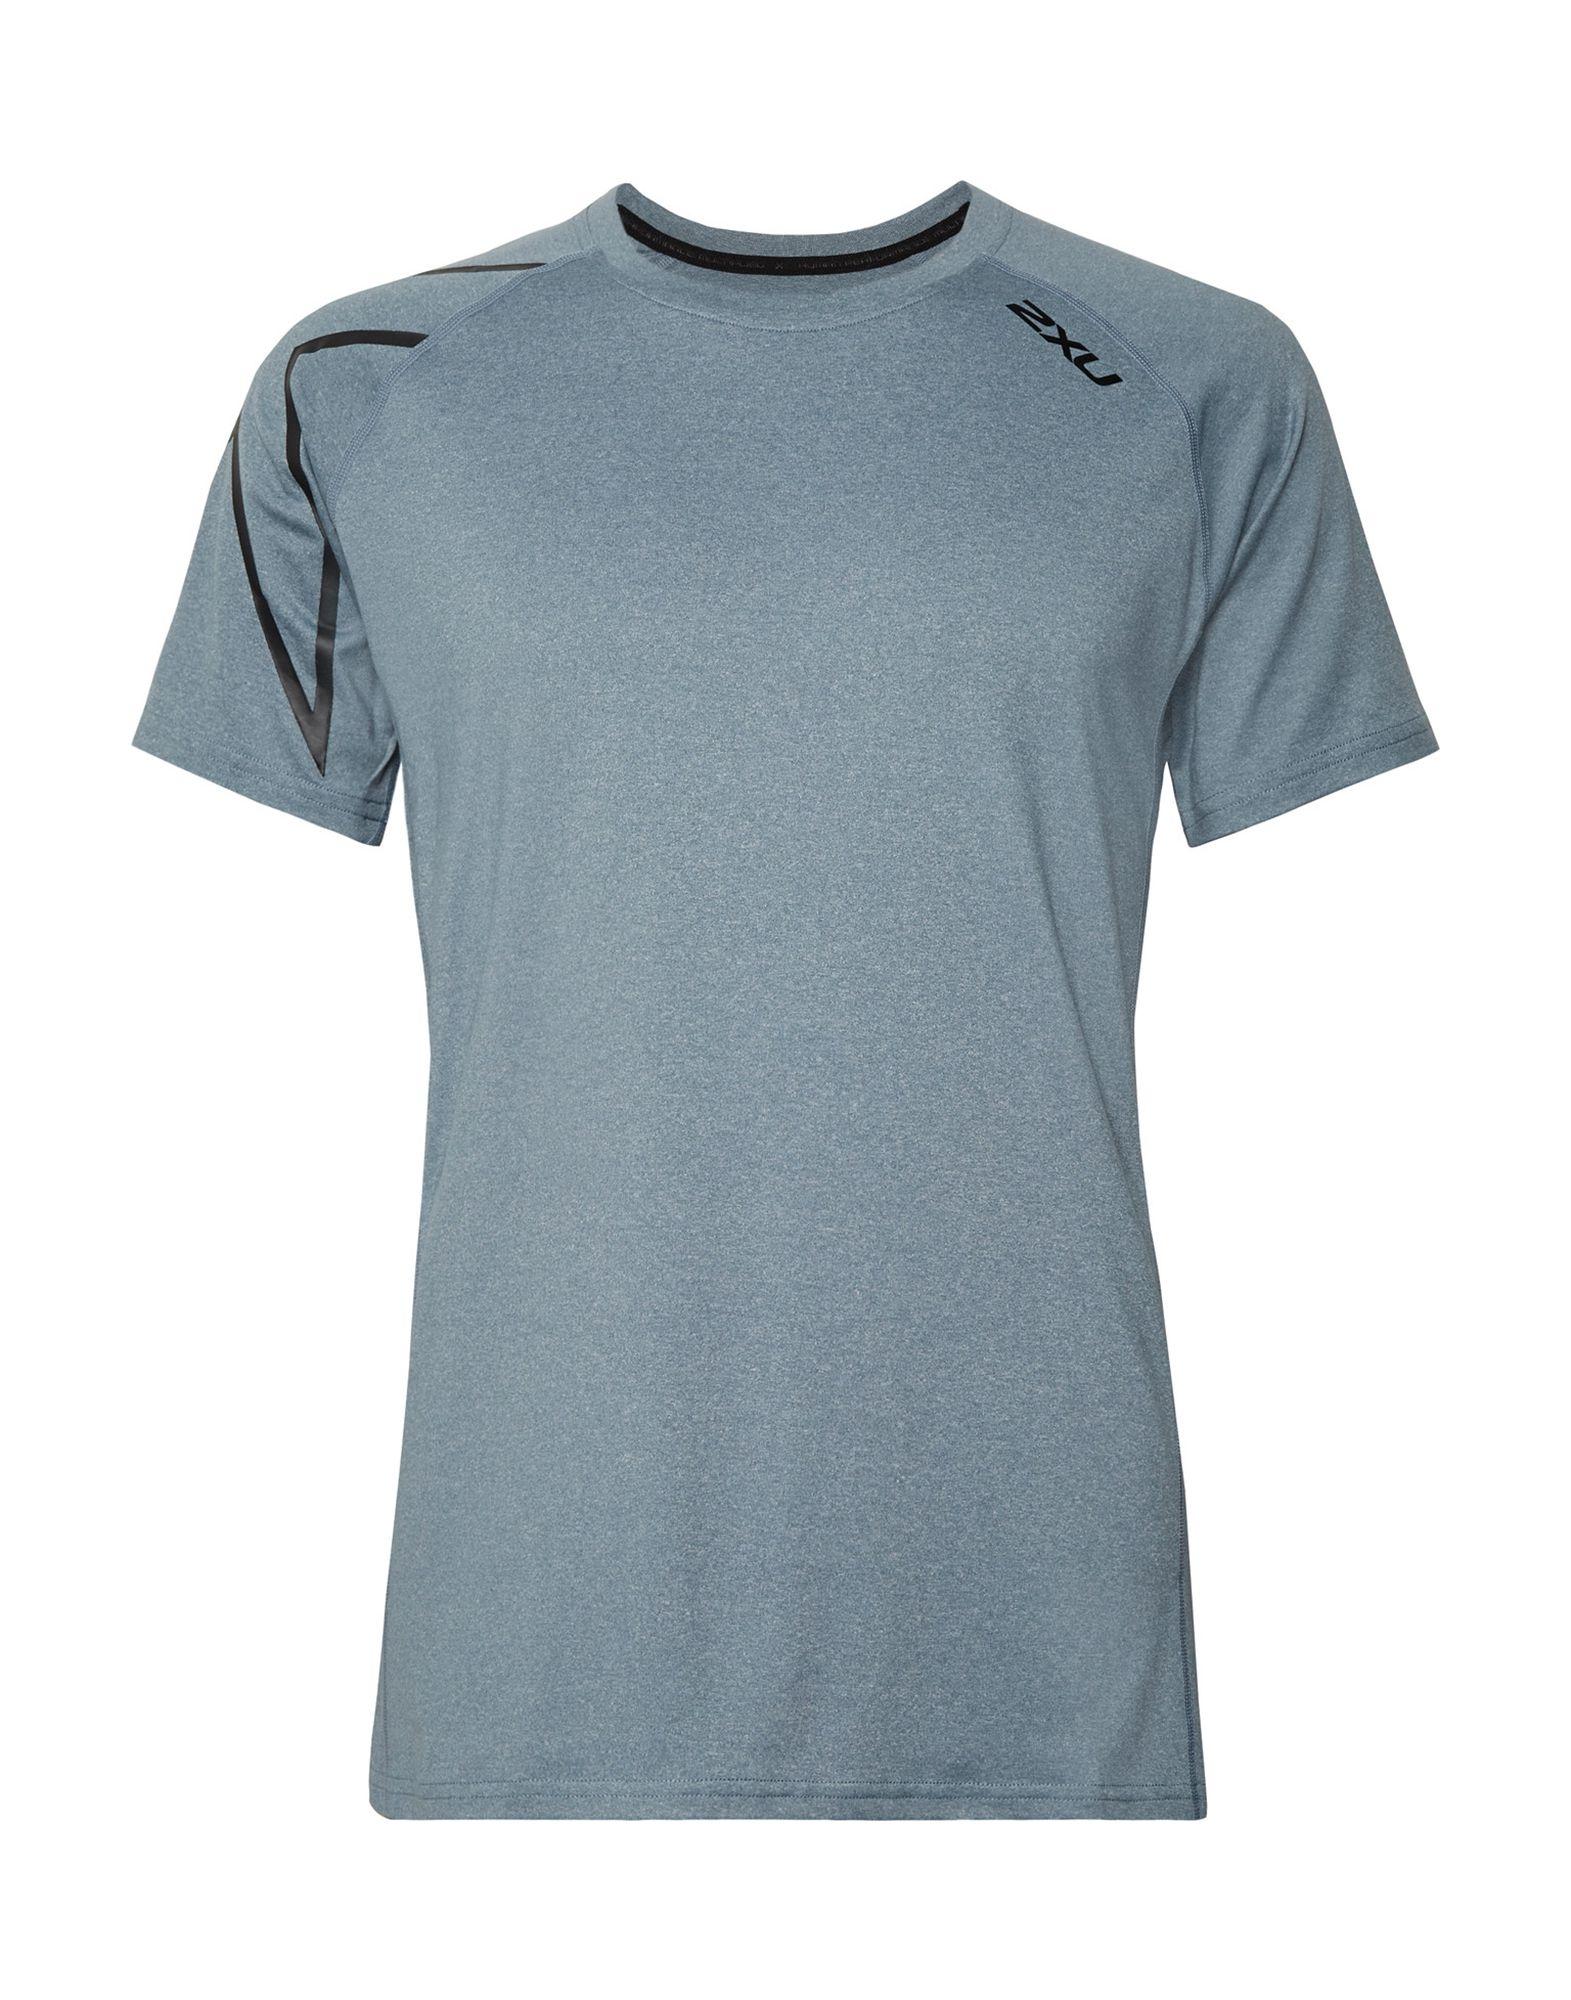 《セール開催中》2XU メンズ T シャツ ブルーグレー XL ポリエステル 48% / ナイロン 44% / ポリウレタン 8%